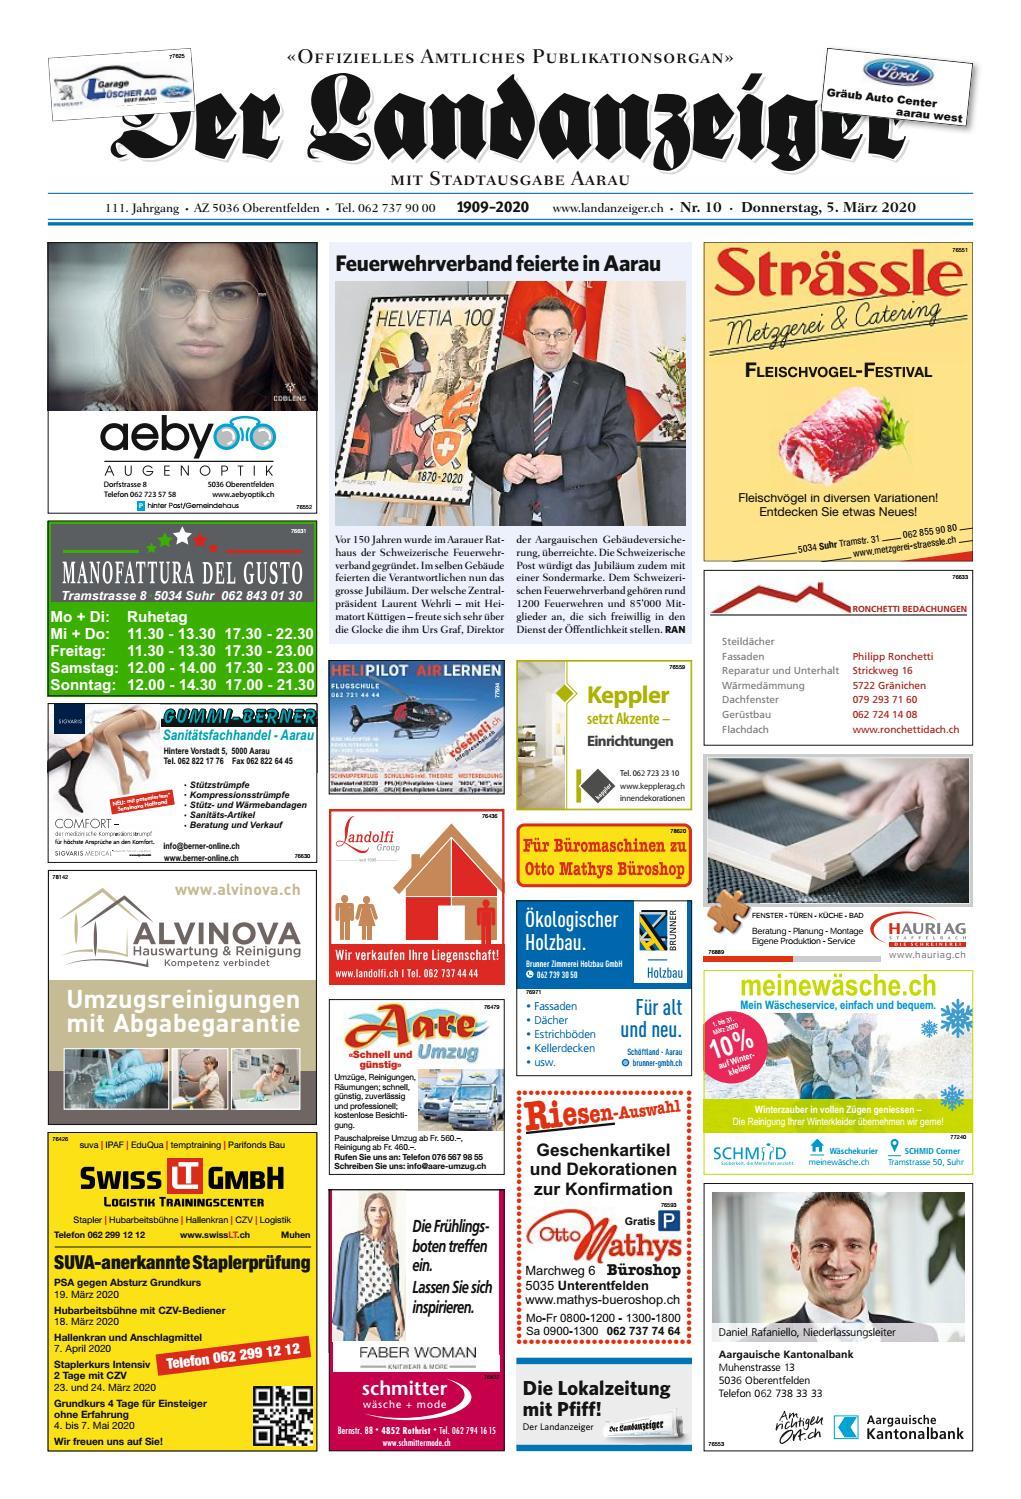 Single Freizeitclub Lucerne, Best Online Dating Einsiedeln